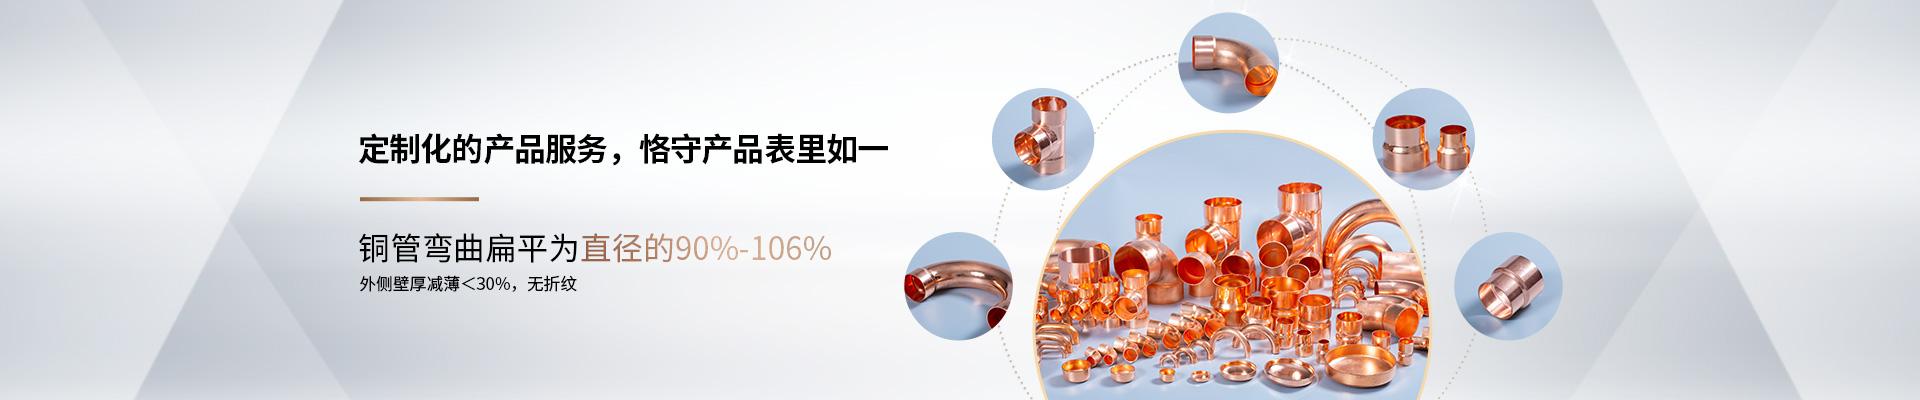 嘉科铜管-定制化的产品服务,恪守产品表里如一